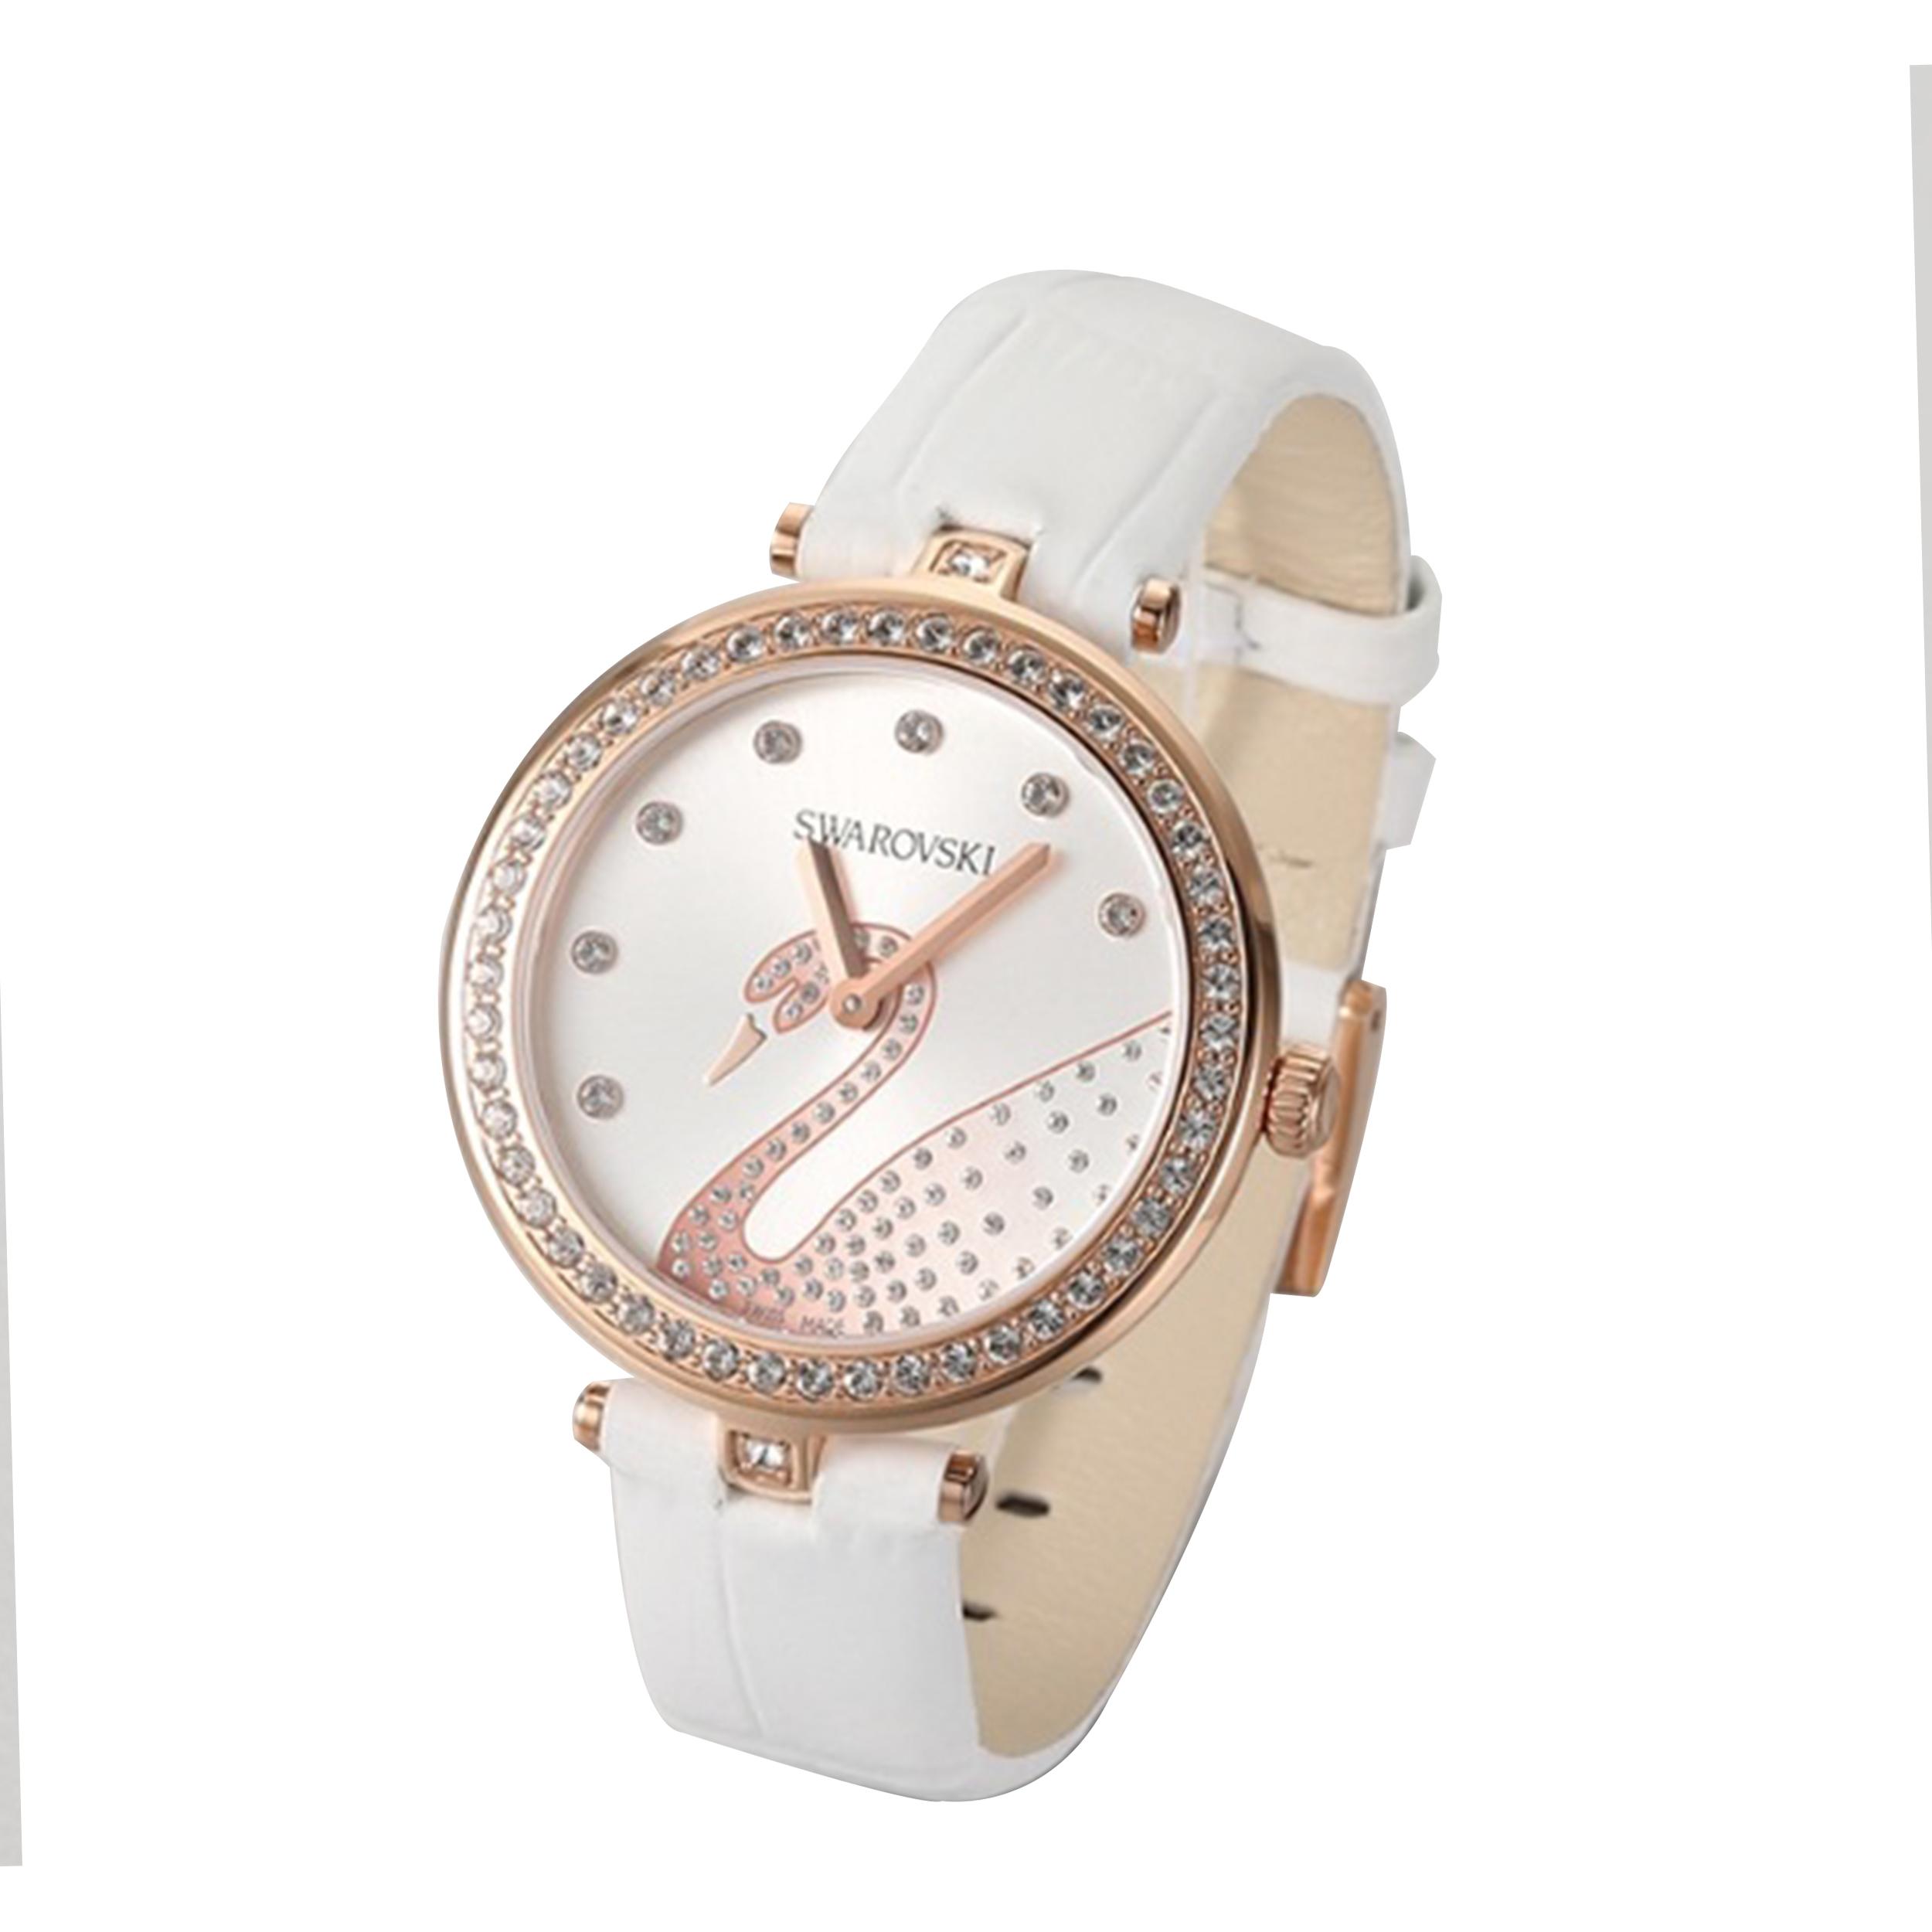 ساعت مچی عقربه ای زنانه سواروسکی مدل 5376639              خرید (⭐️⭐️⭐️)